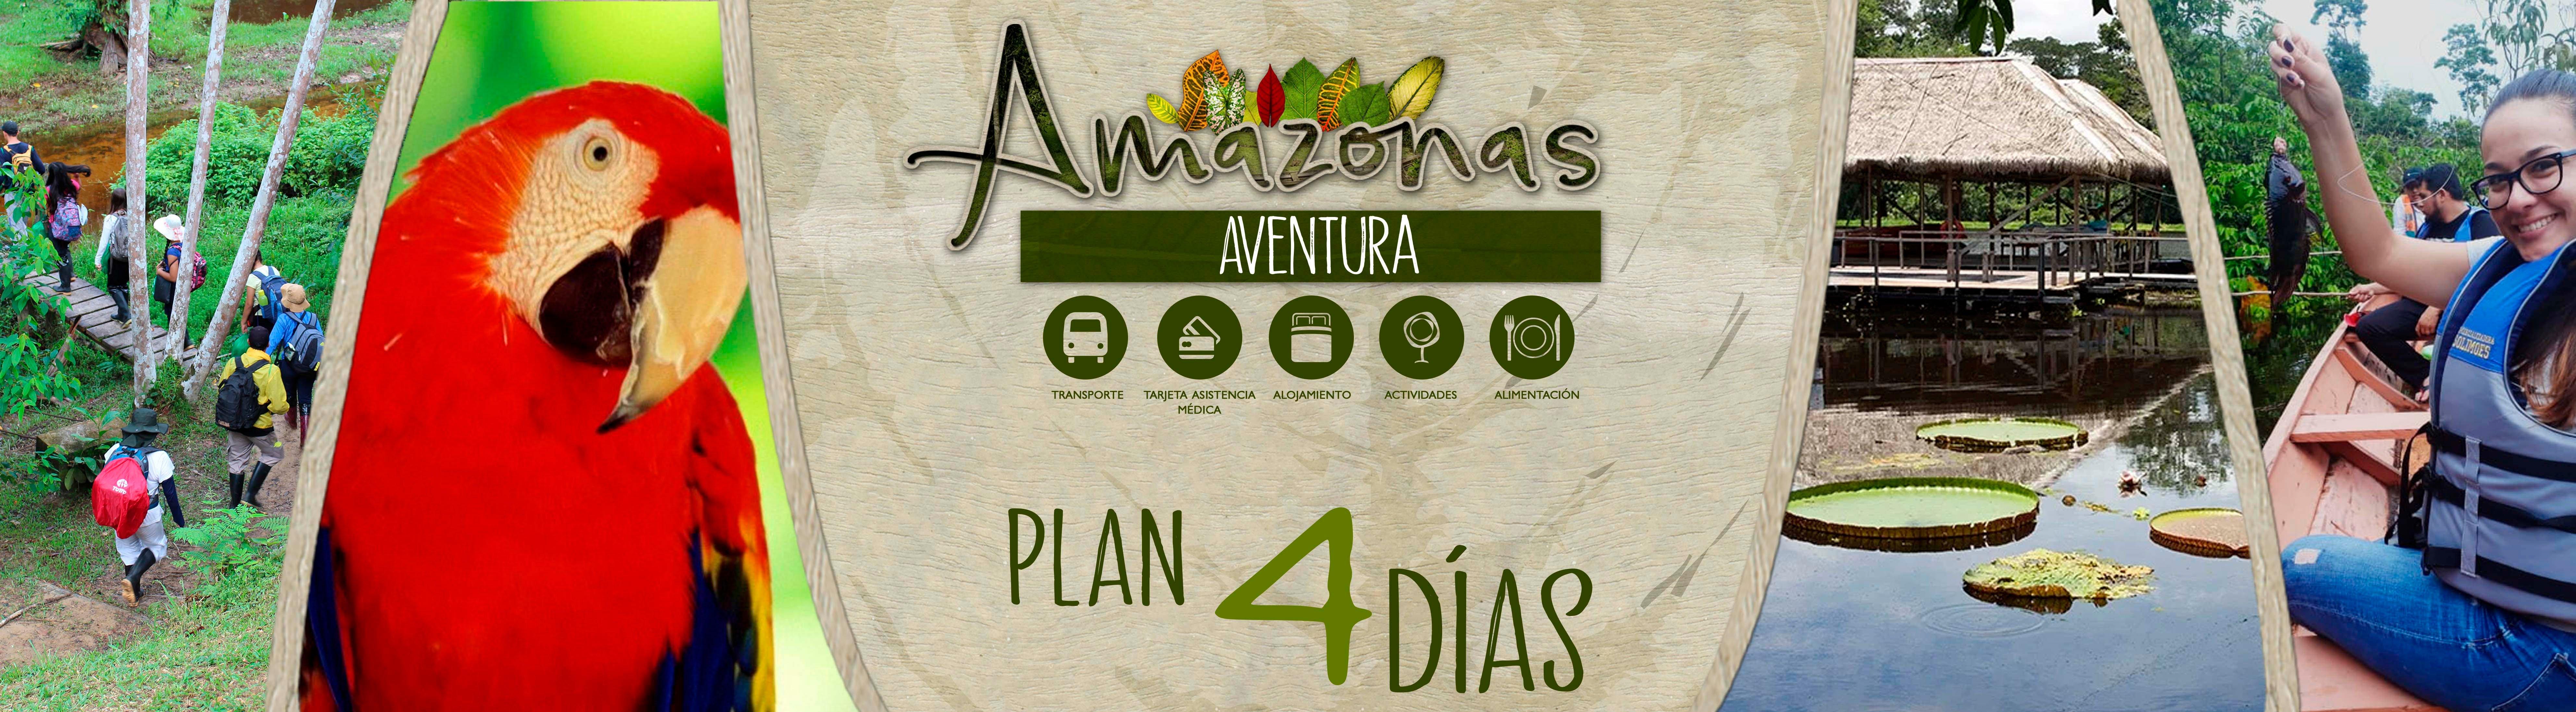 aventura 4 DIAS